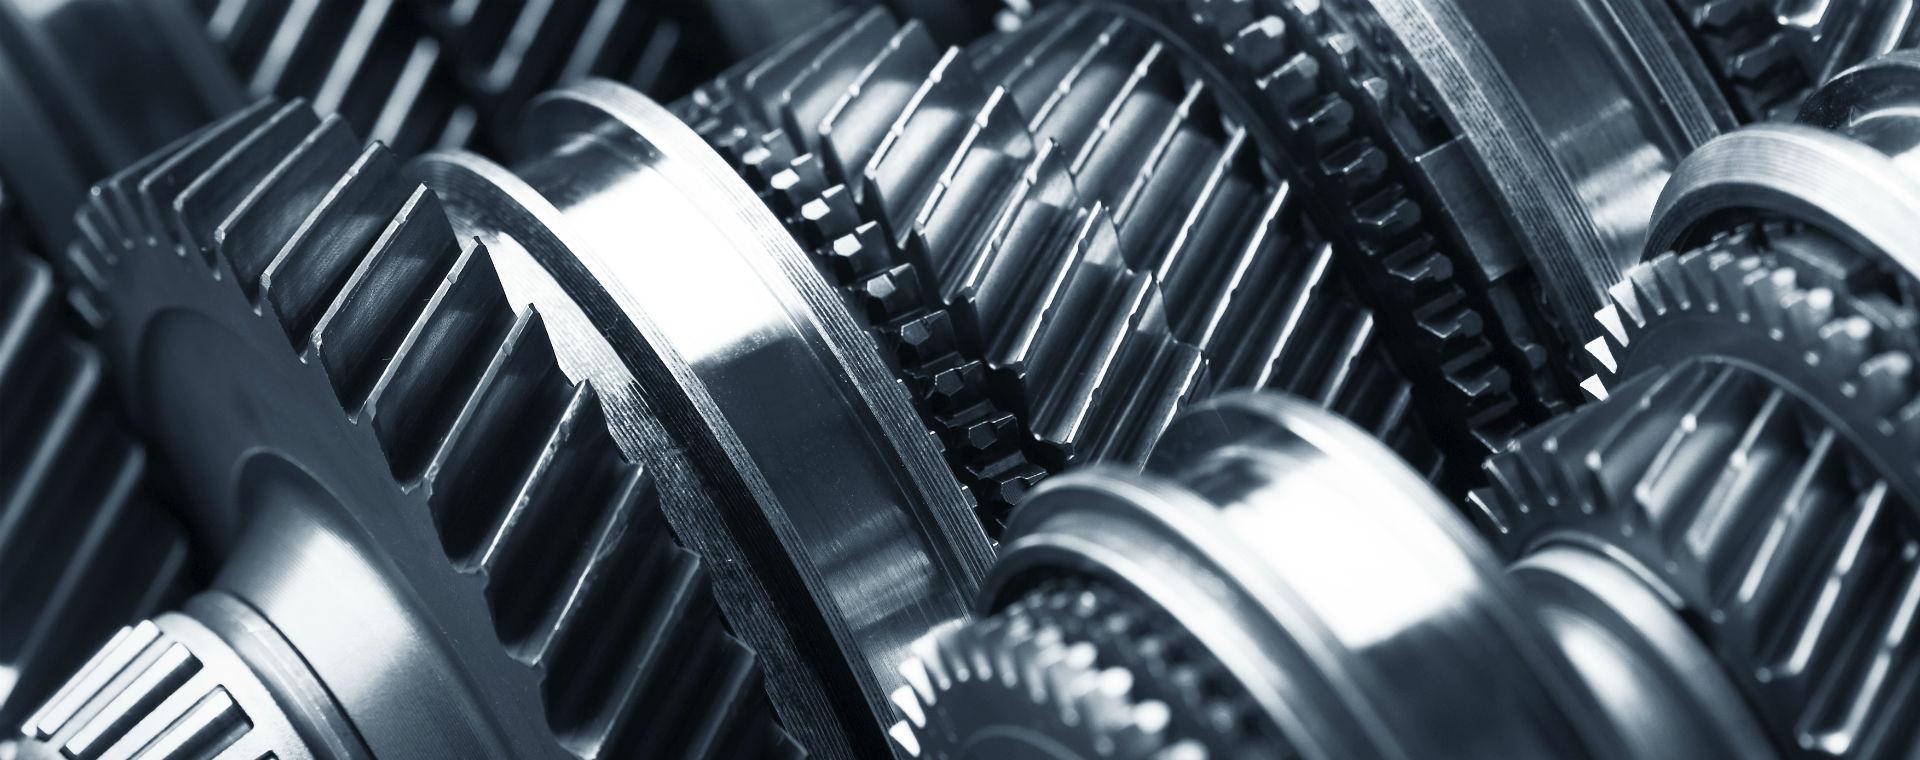 gears-Silver